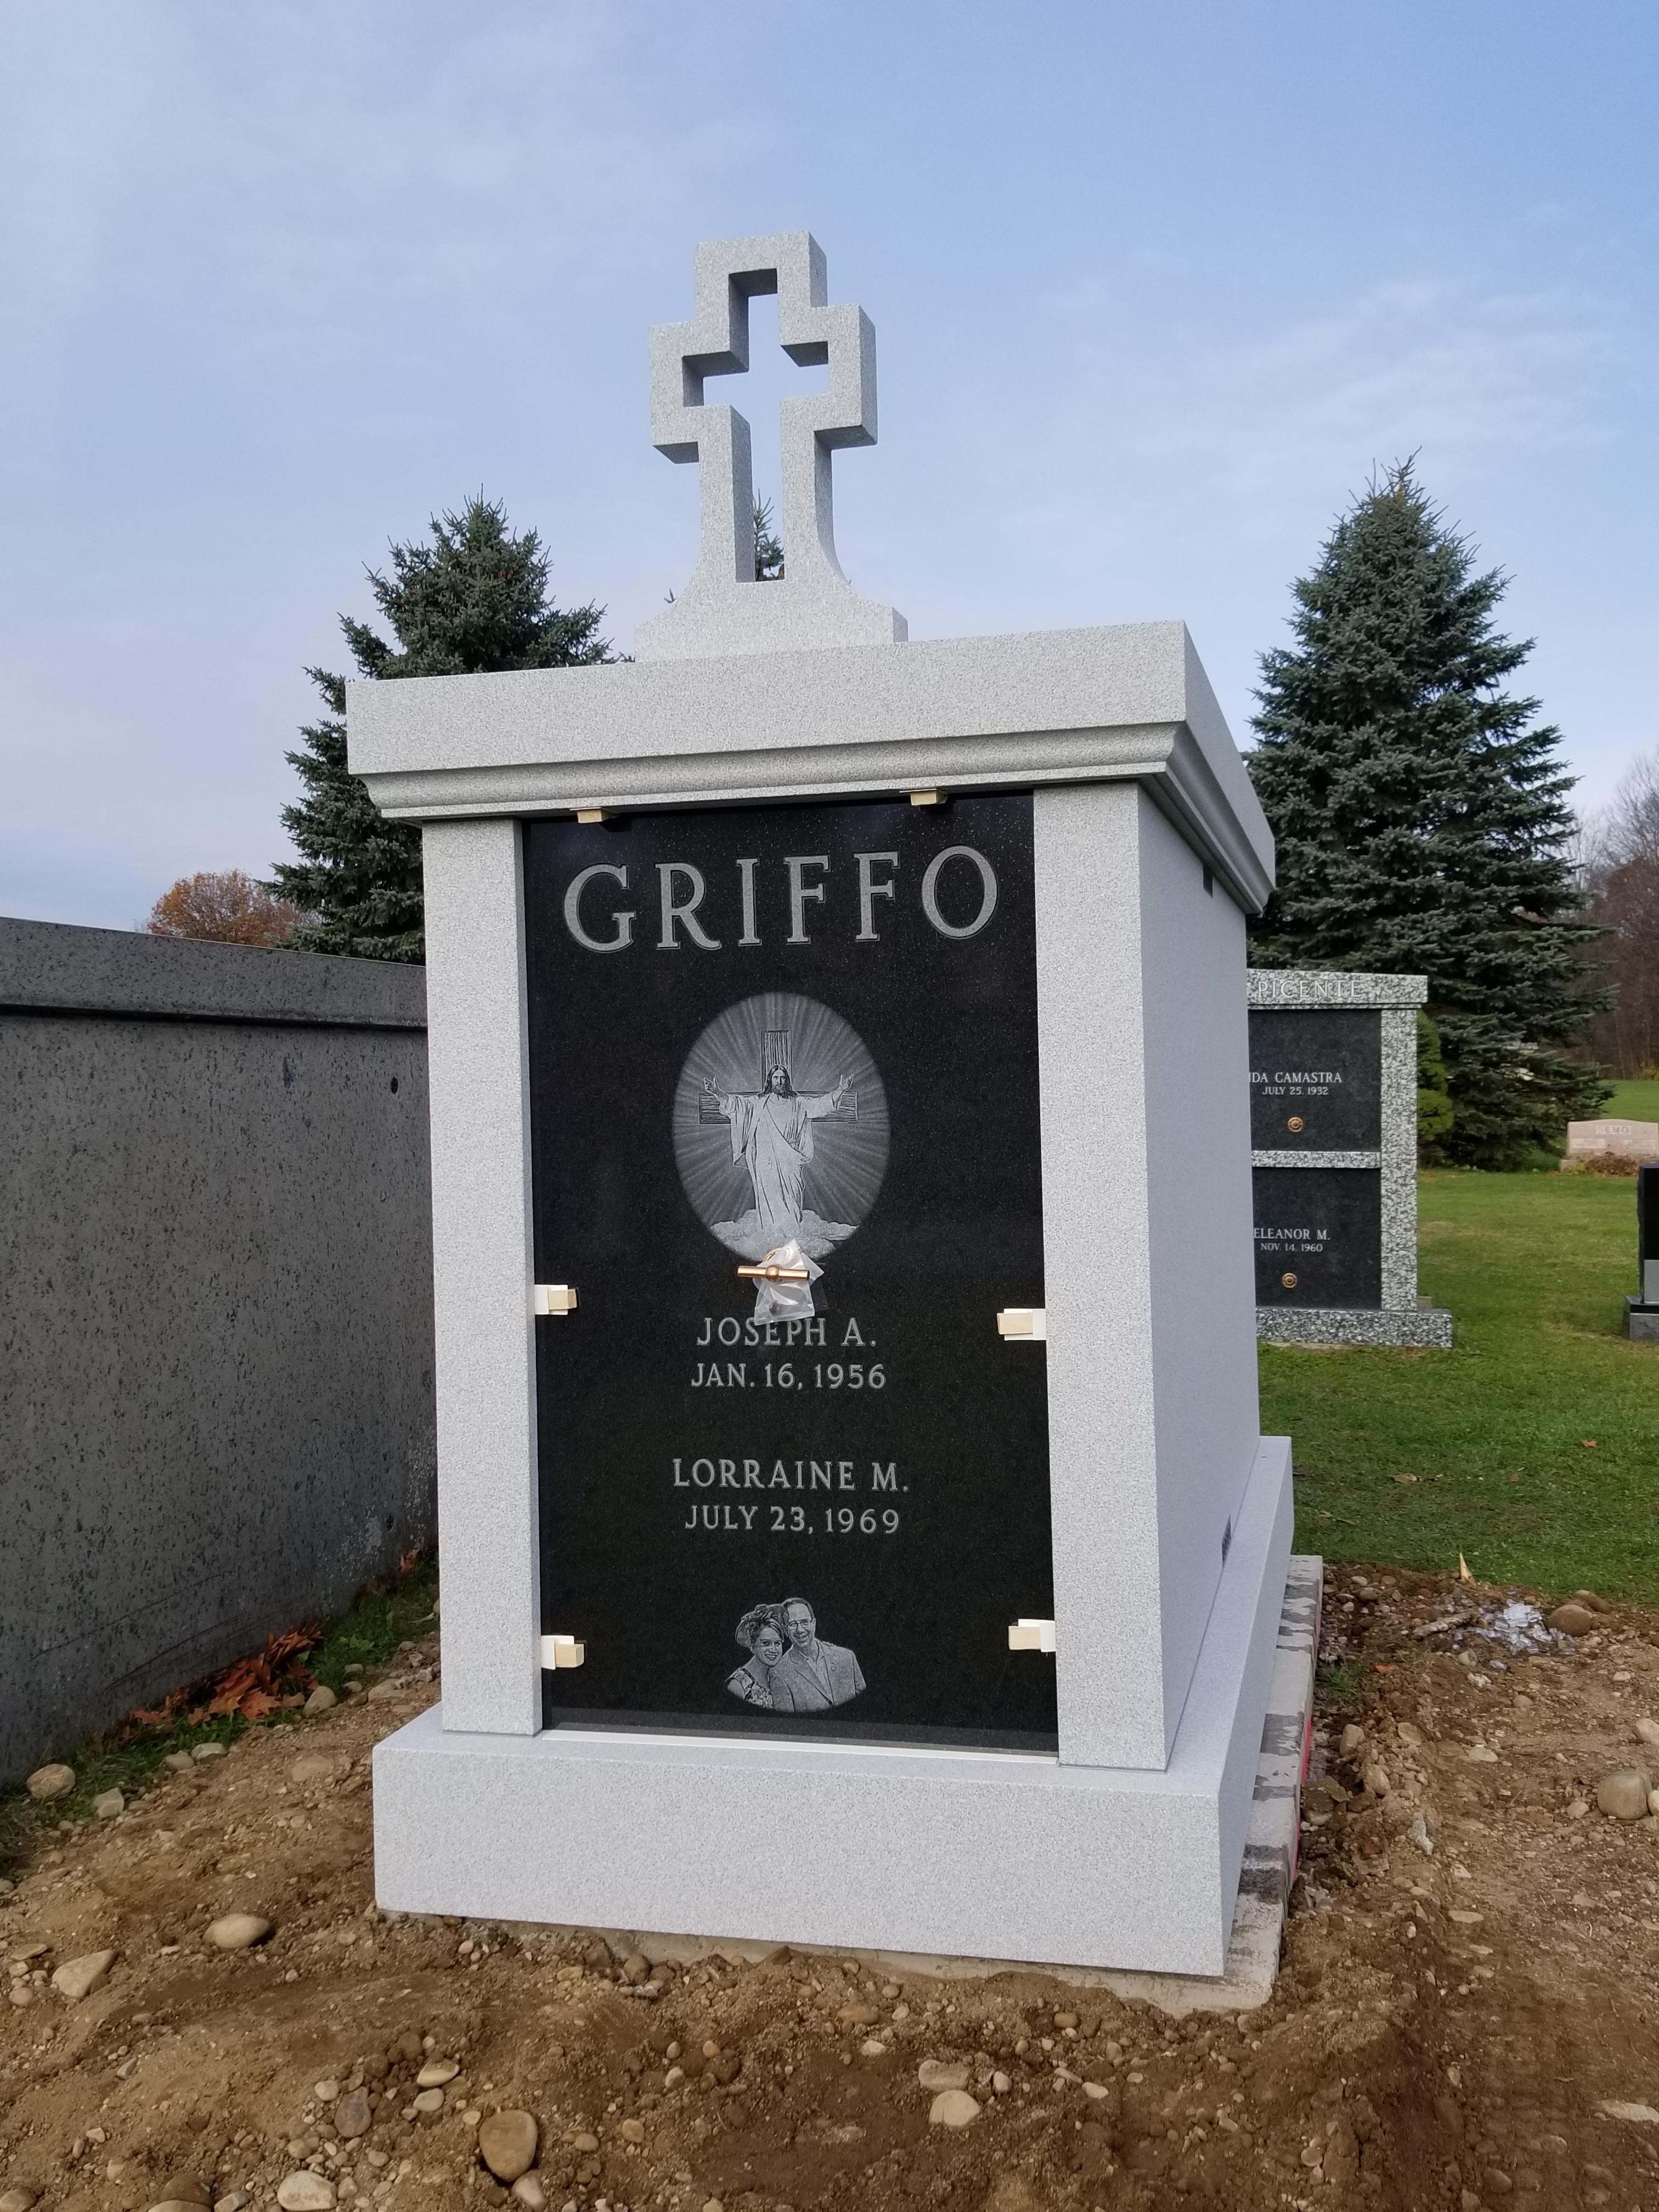 Griffo-Mausoleum